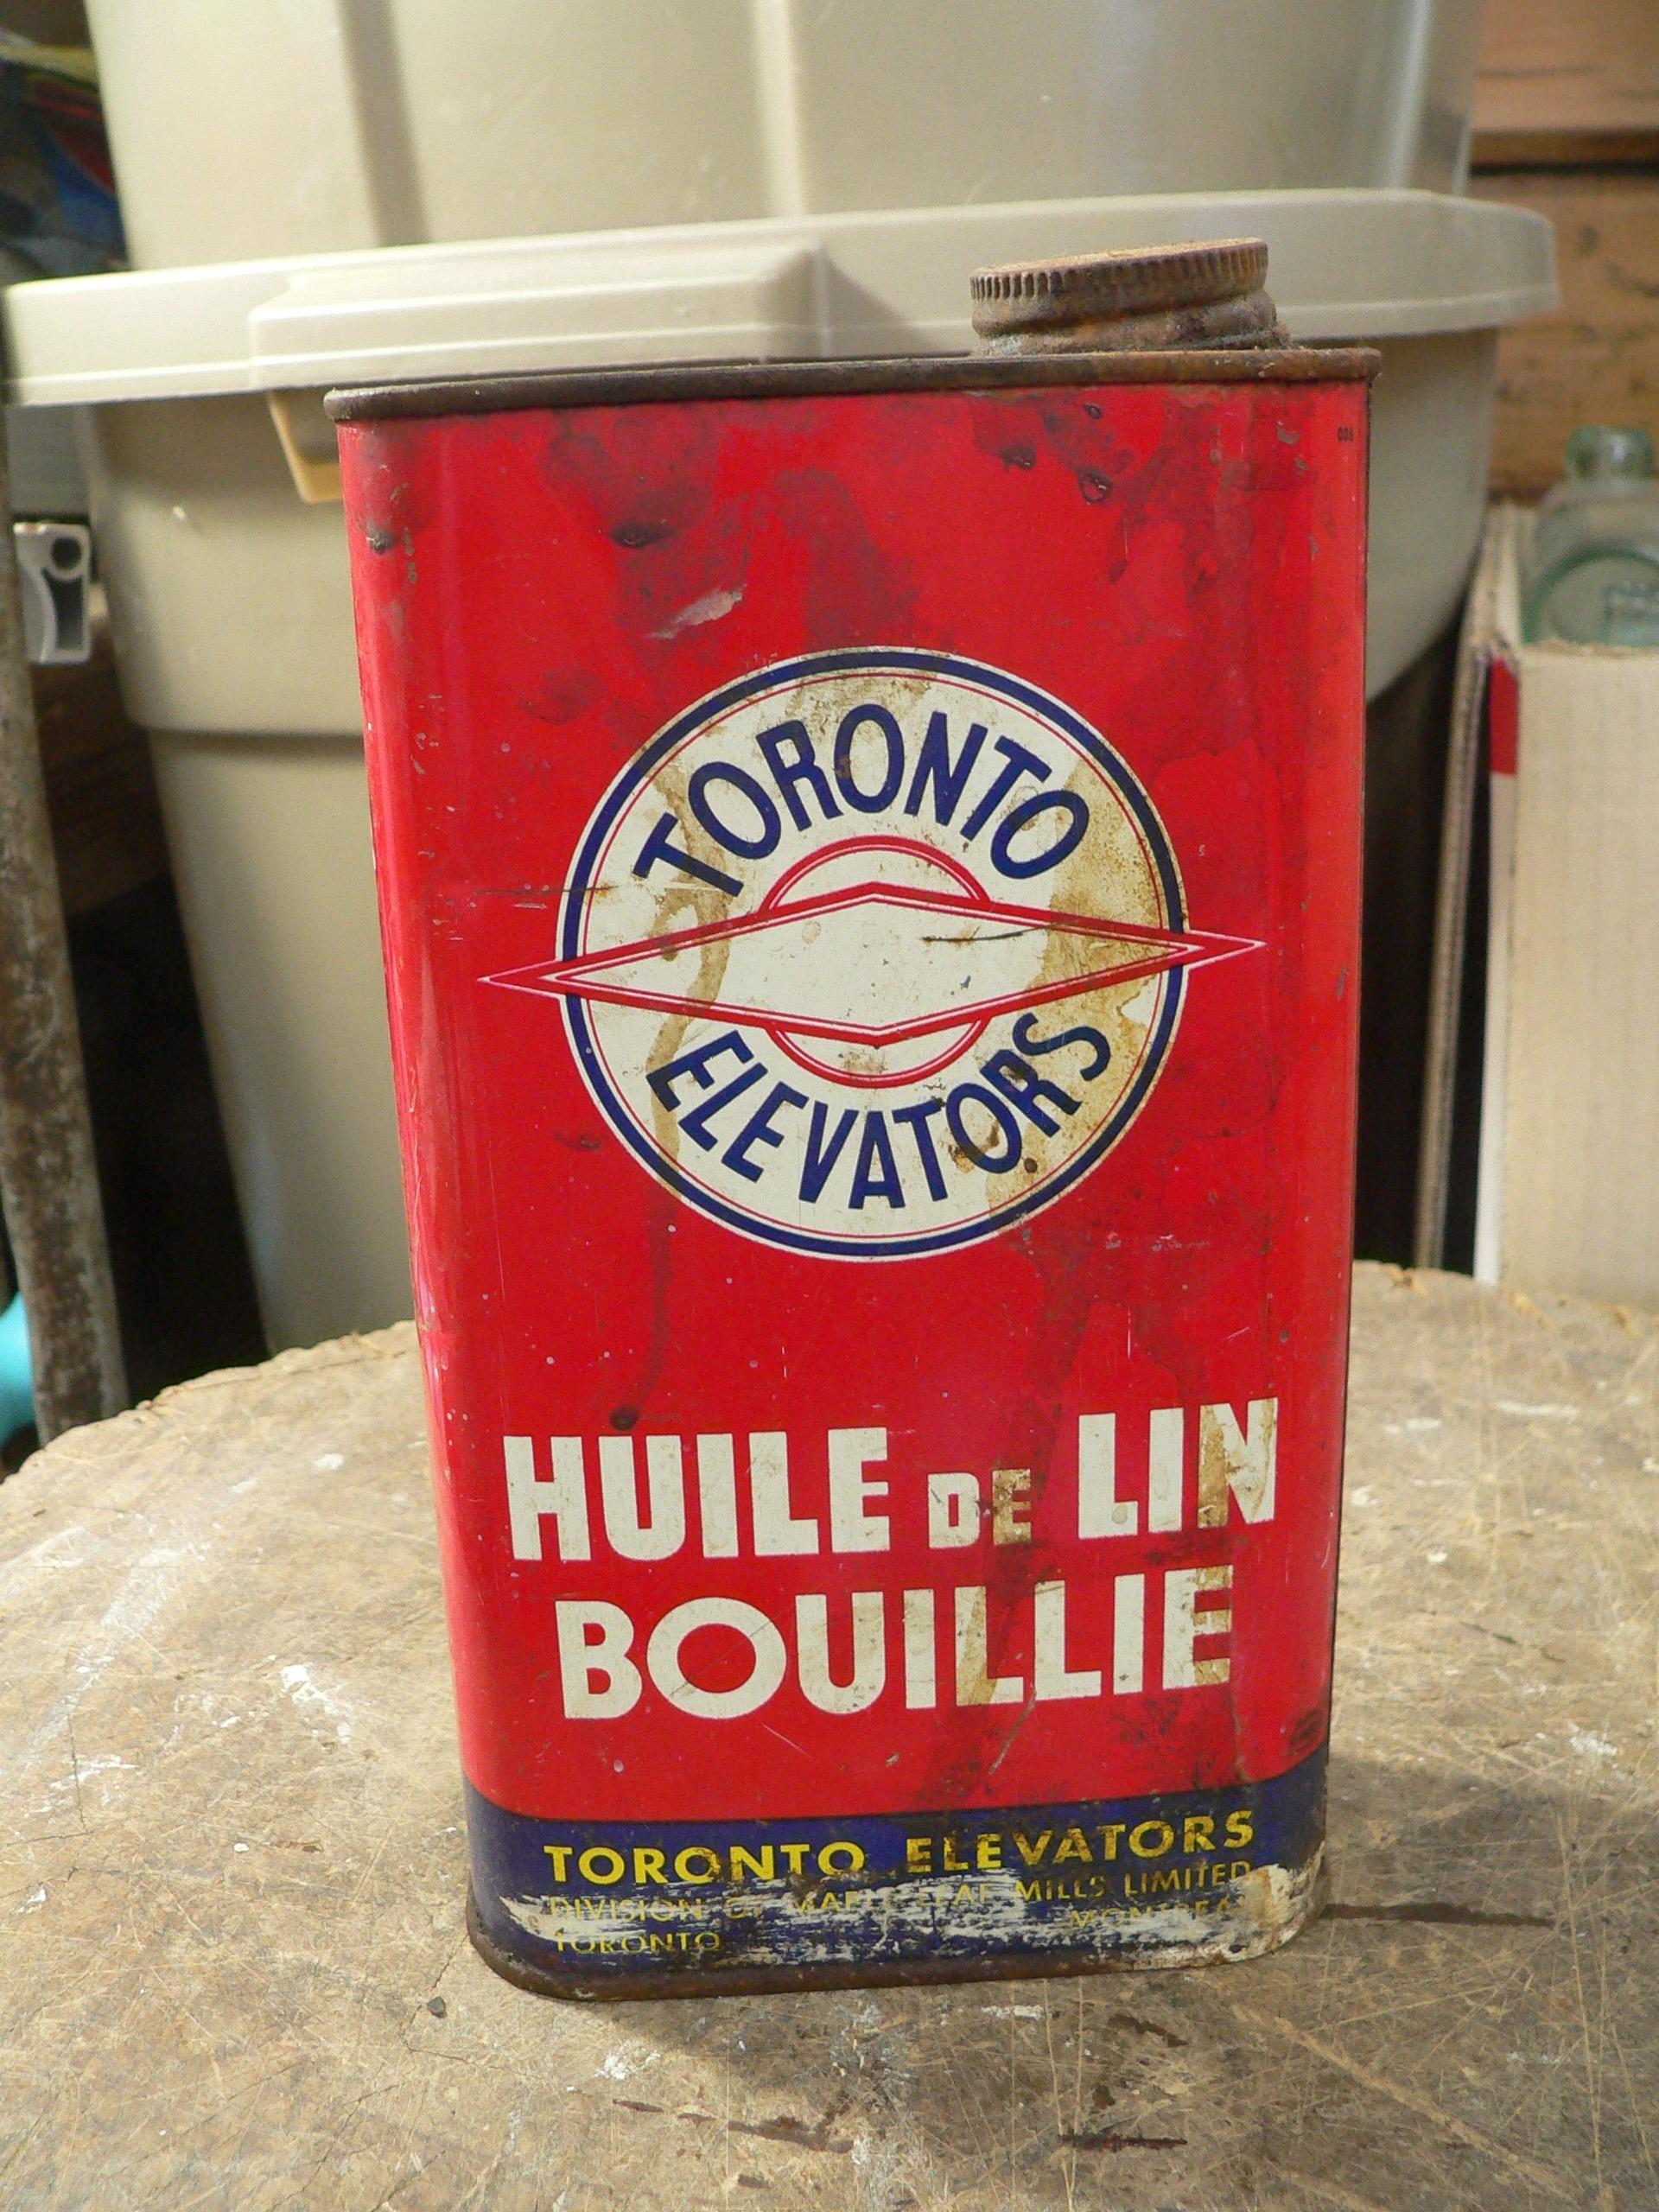 Canne d'huile de lin Toronto Elevator # 8103.4